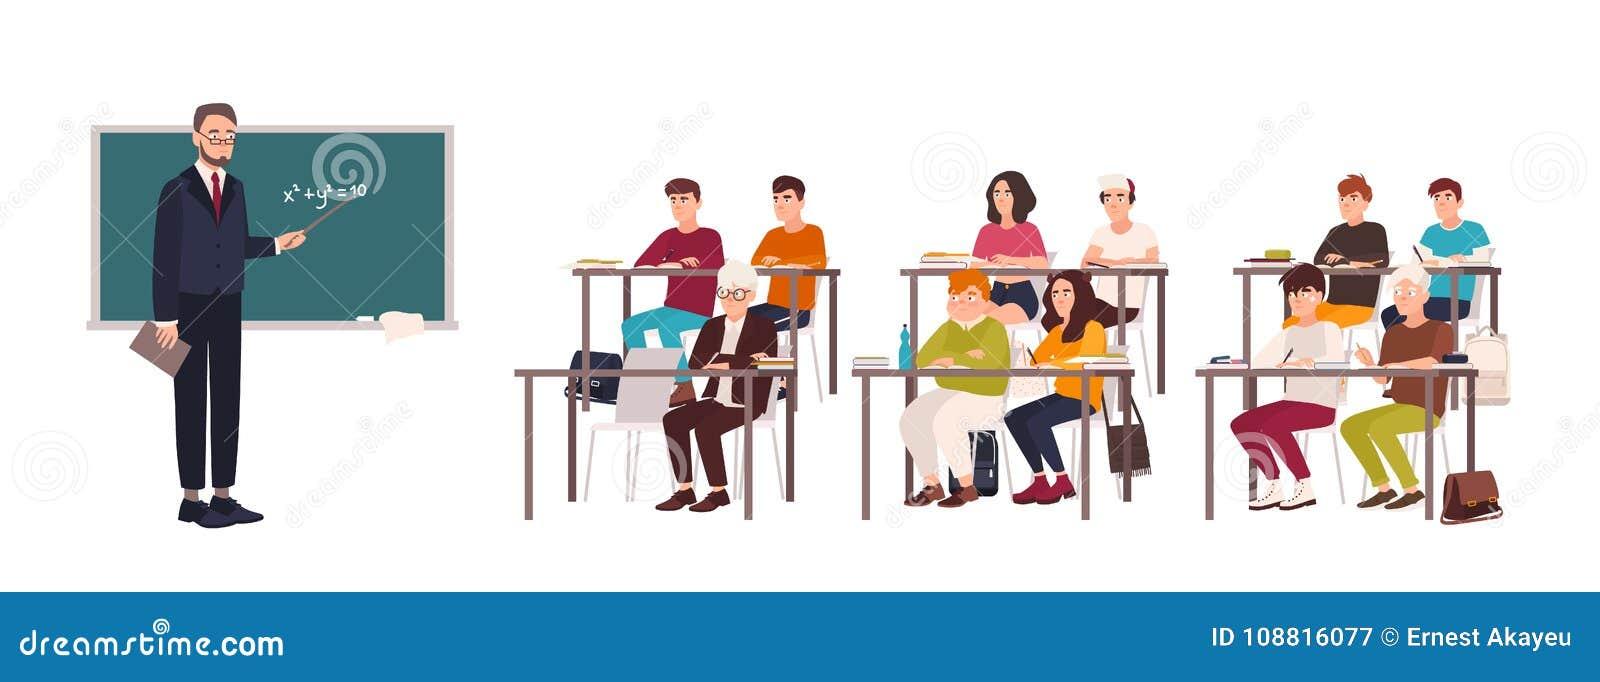 Ucznie siedzi przy biurkami w sala lekcyjnej, demonstruje dobrego zachowanie i attentively słucha nauczyciel pozycja beside,